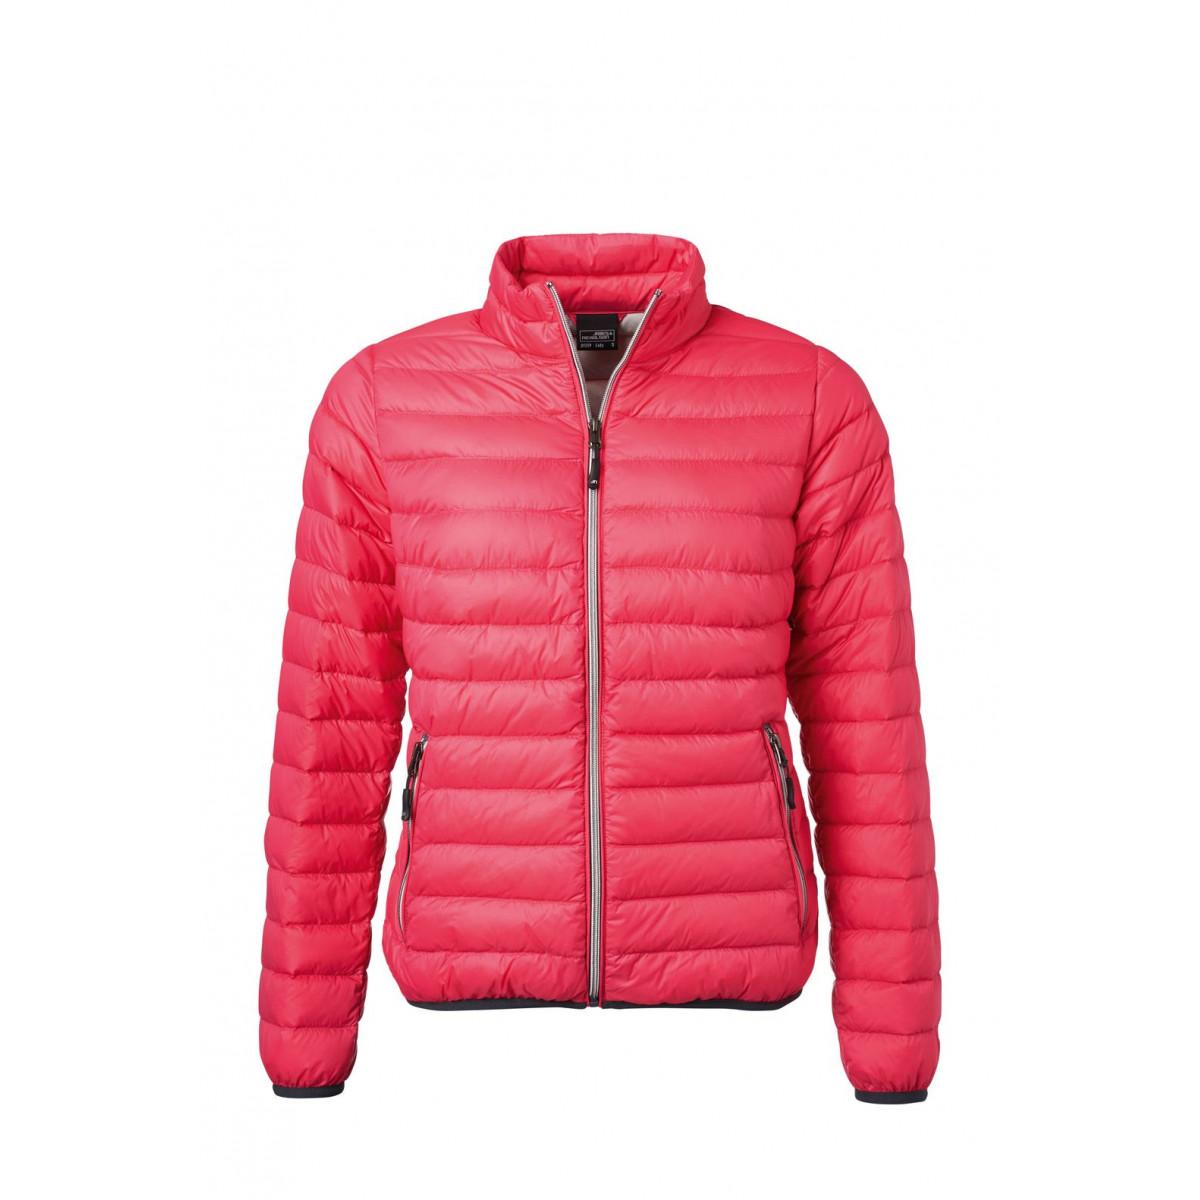 Куртка женская JN1139 Ladies Down Jacket - Фуксия/Серебряный